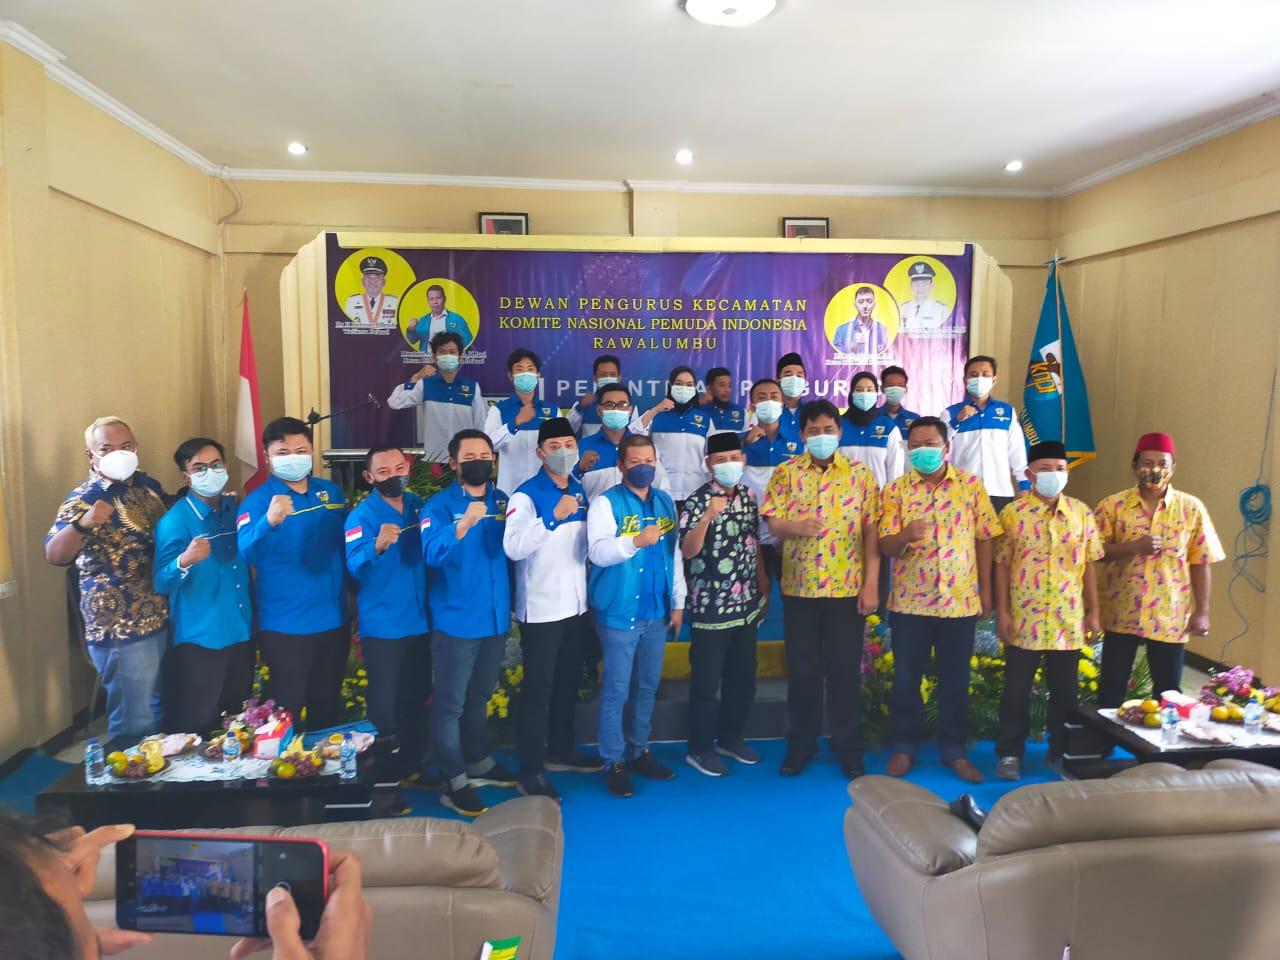 DPD KNPI Kota Bekasi Mardani Ahmad resmi melantik Rizky Ferdiansyah sebagai Ketua DPK KNPI Rawa Lumbu pada hari sabtu 12 Juni 2021, Rizky menjabat Periode 2021 2023. Pelantikan dilangsungkan di aula Kecamatan Rawa Lumbu Kota Bekasi,